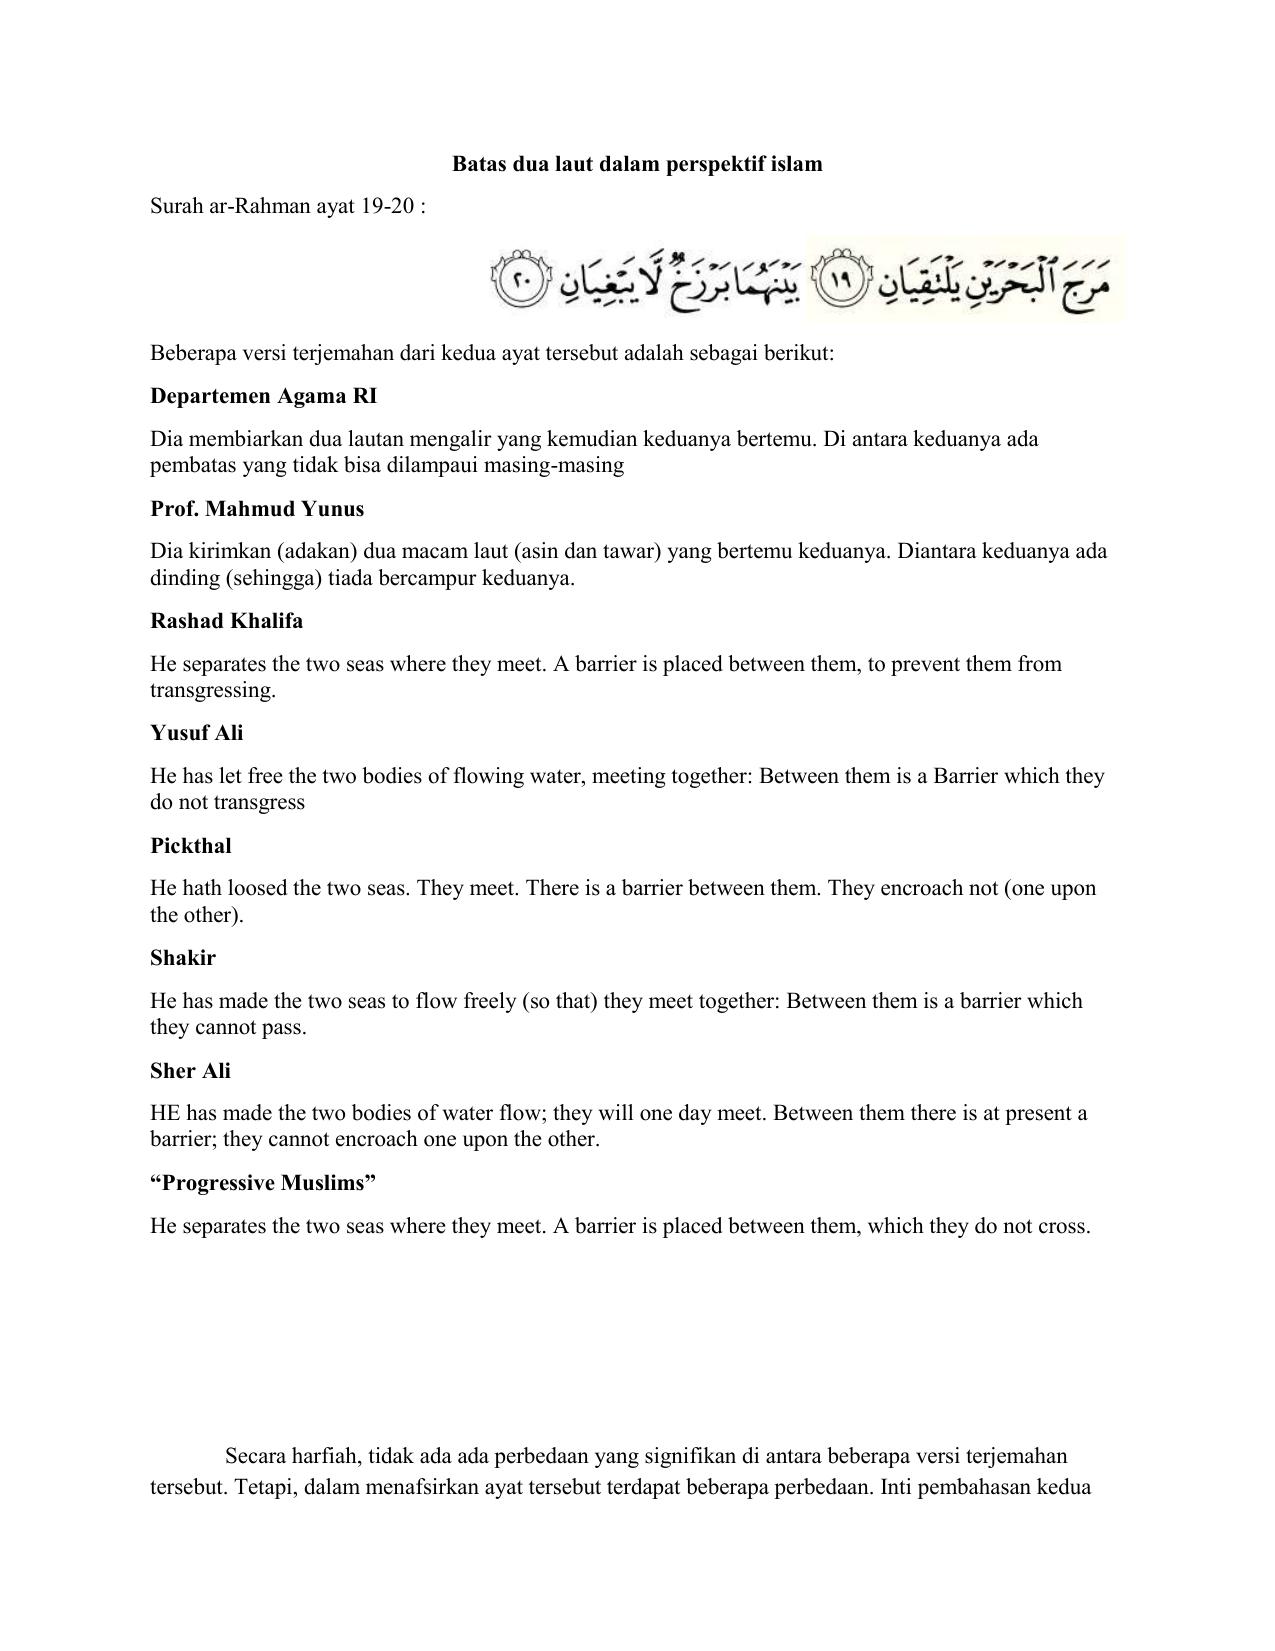 Batas Dua Laut Dalam Perspektif Islam Surah Ar Rahman Ayat 19